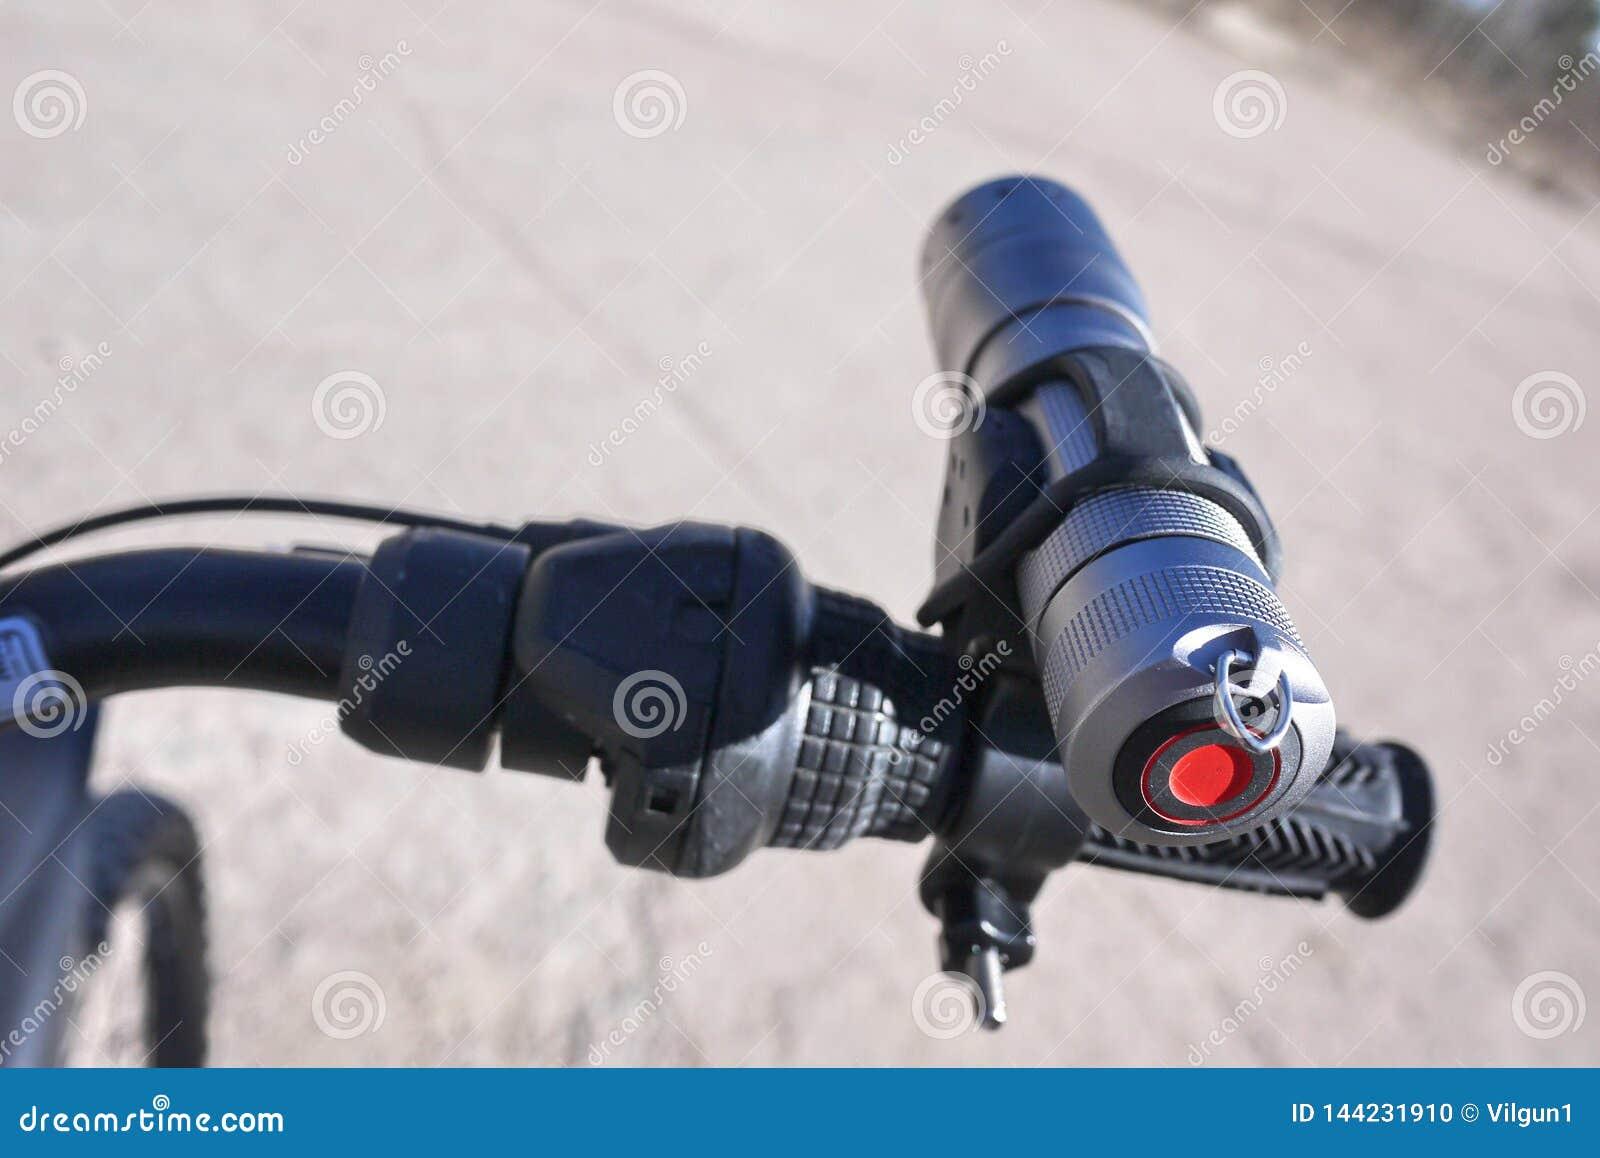 Leistungsf?hige und helle Taschenlampe, die auf Batterien l?uft Spezieller Berg der Laterne, zum in der Lage zu sein, ihn auf der